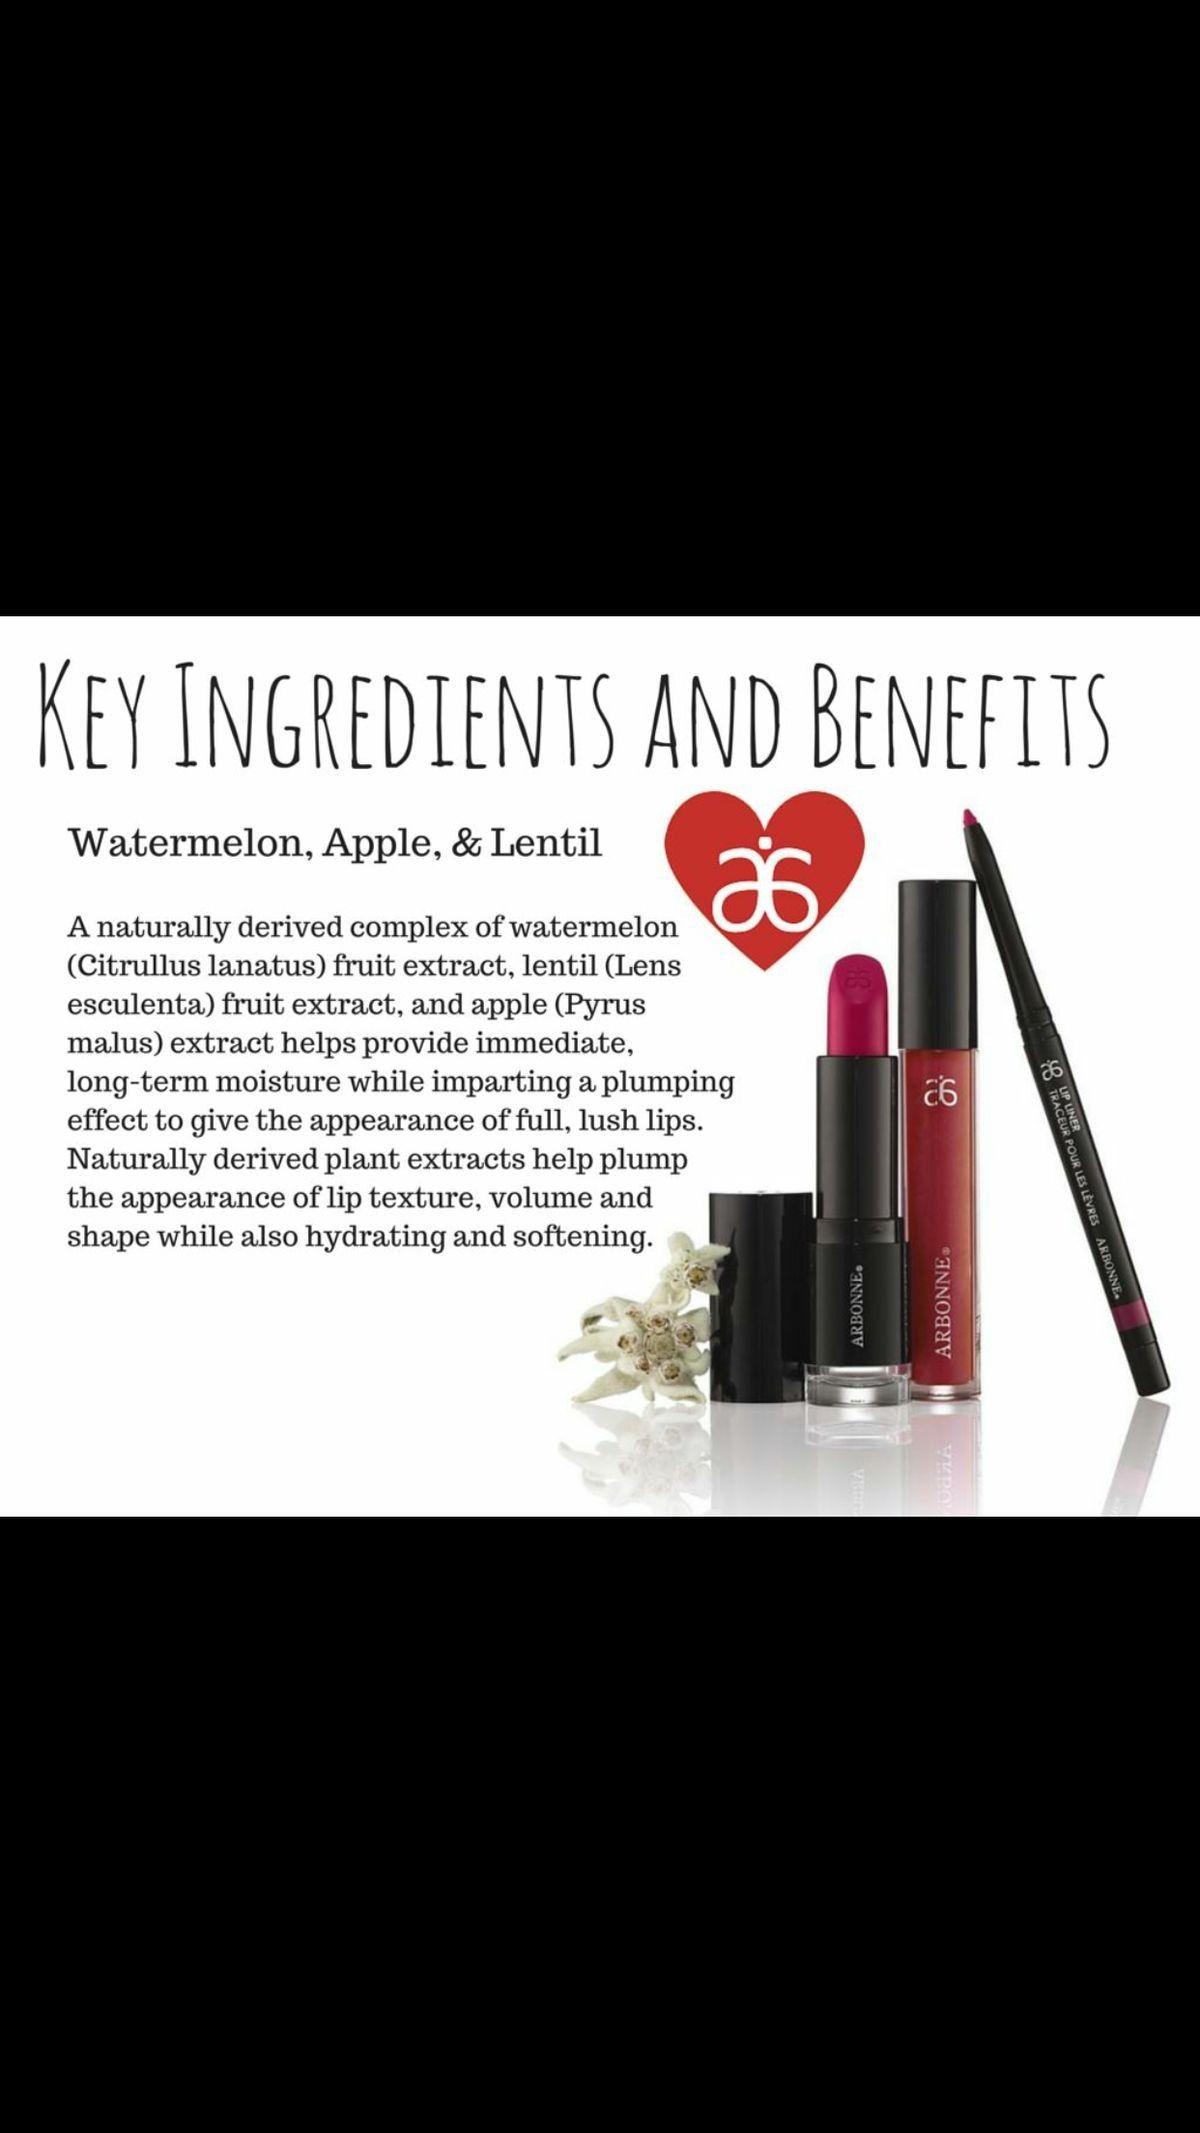 Arbonne Smoothed Over Lip Stick Arbonne Glossed Over Lip Gloss Arbonne Lip Pencil All Natural Ingredients Interes Arbonne Cosmetics Arbonne Makeup Arbonne